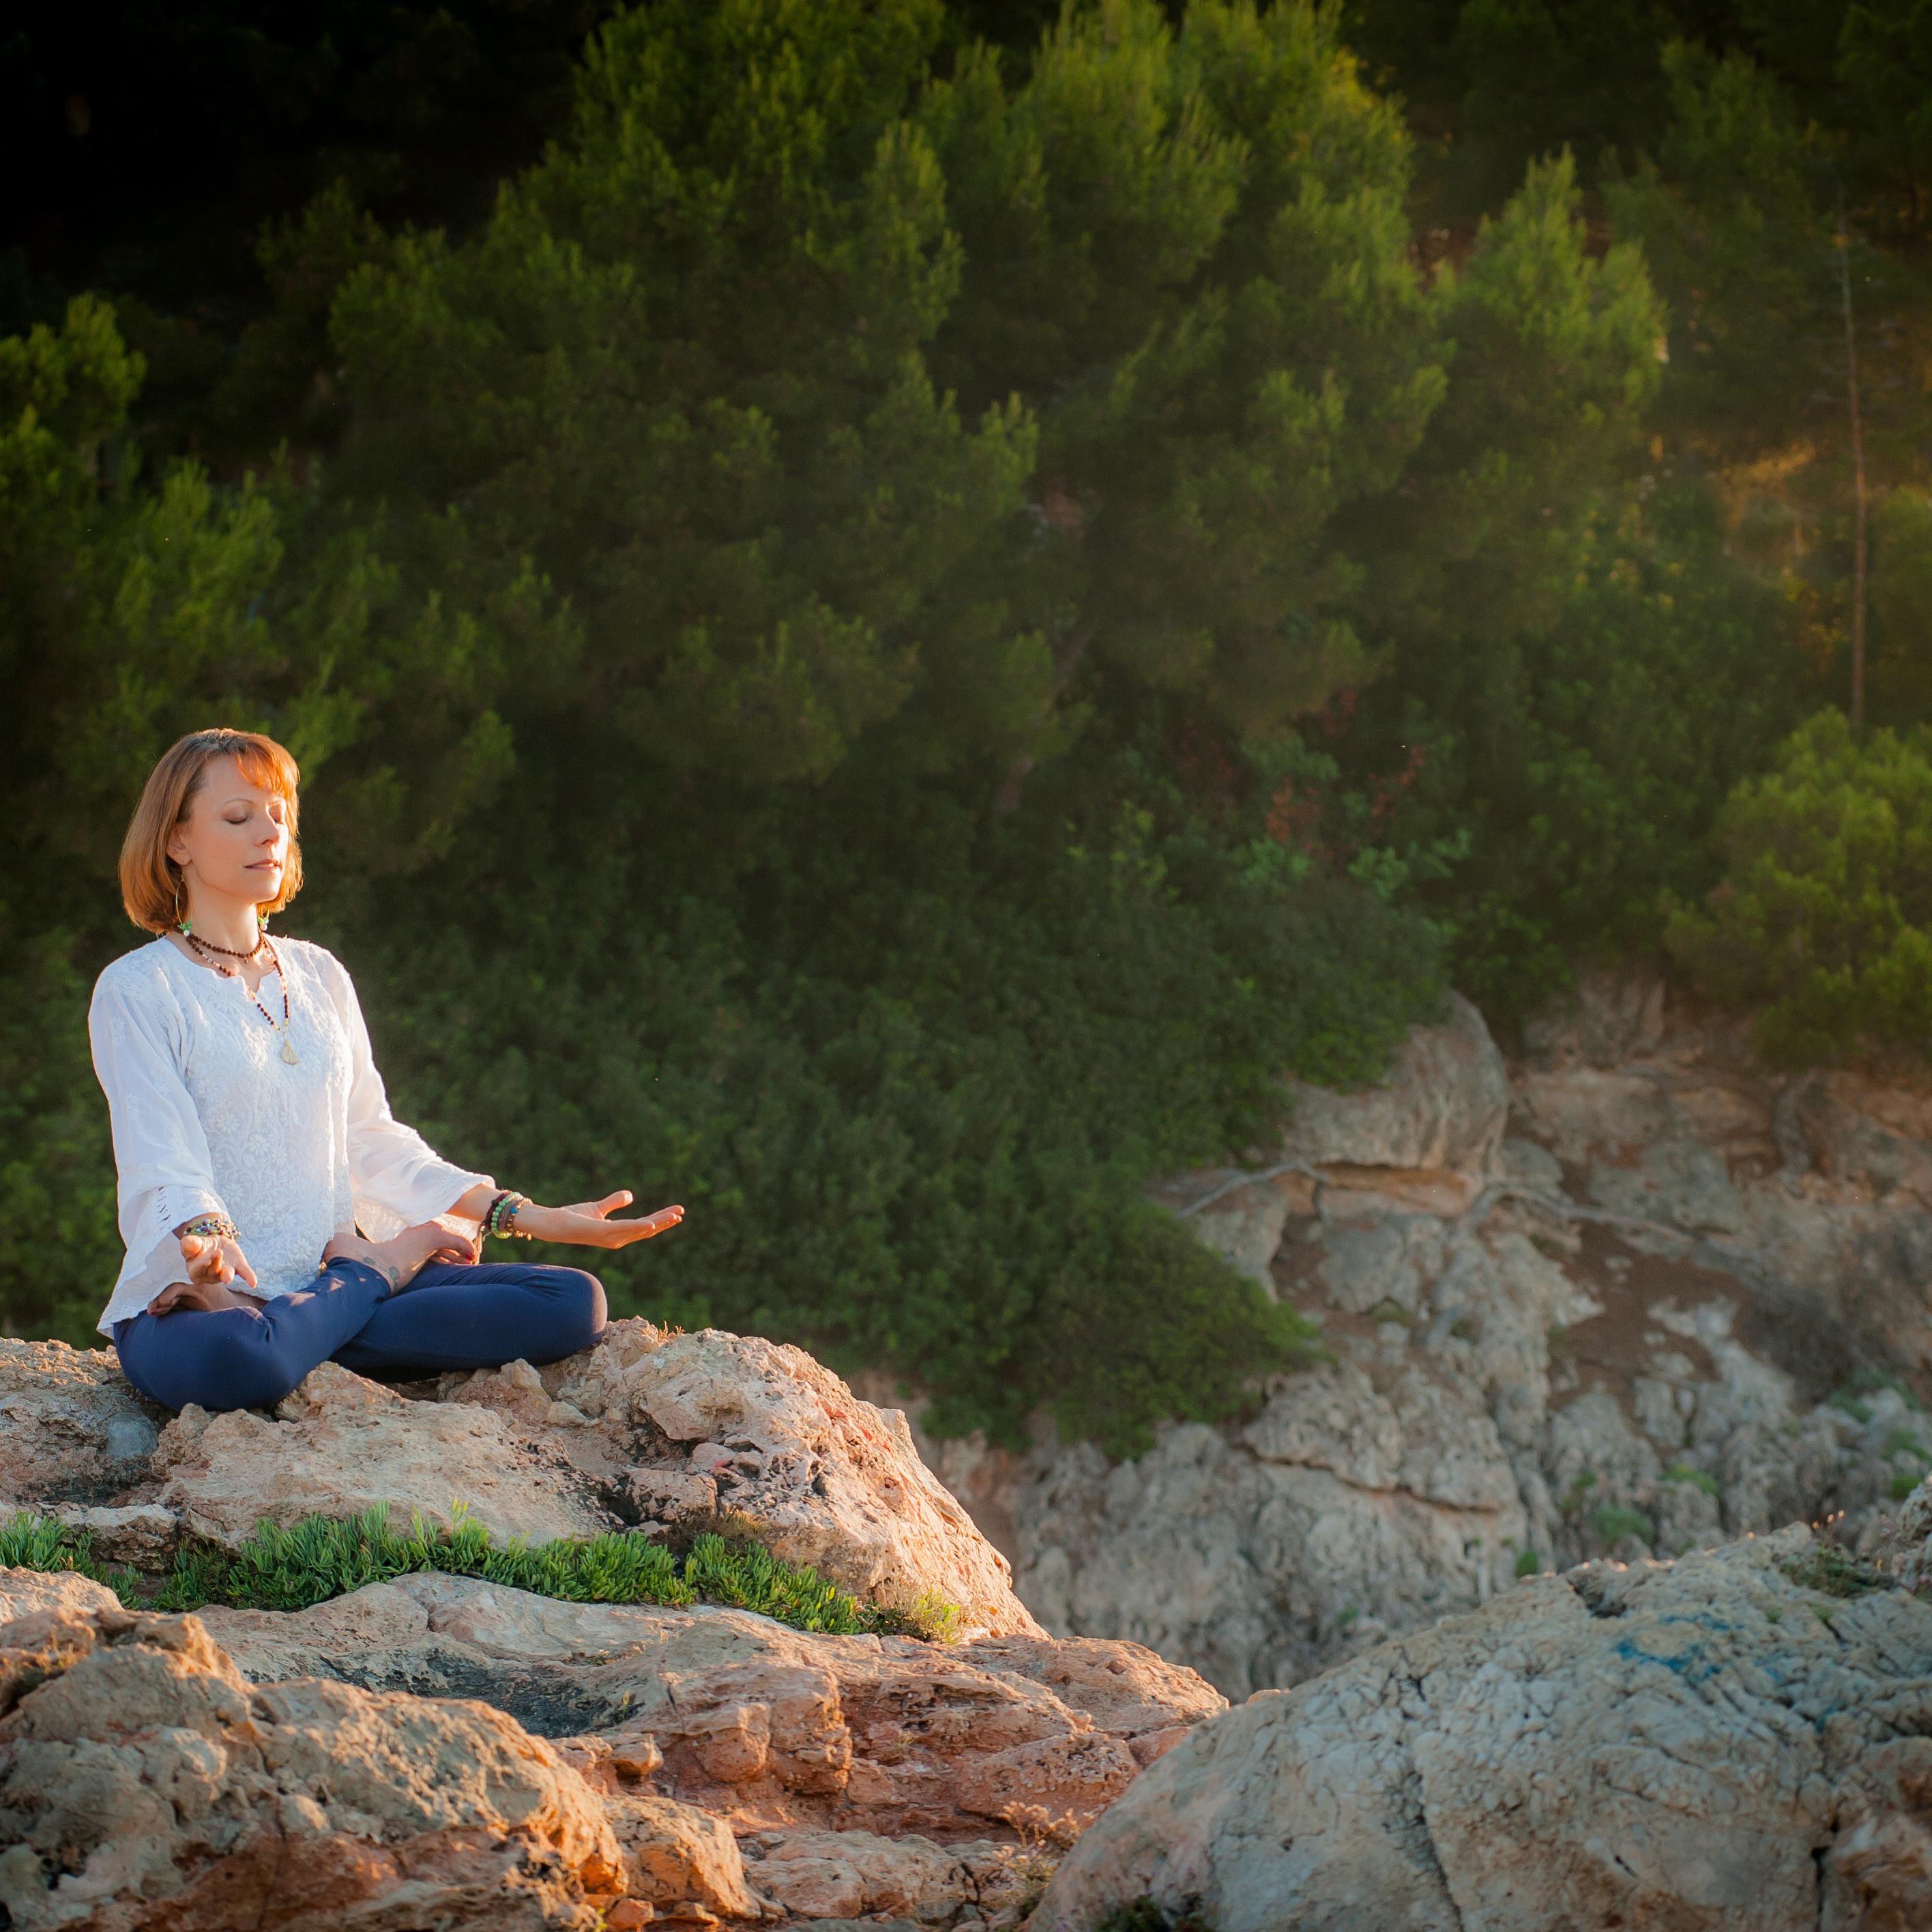 jeanne-heileman-yoga-teacher-trainer-5